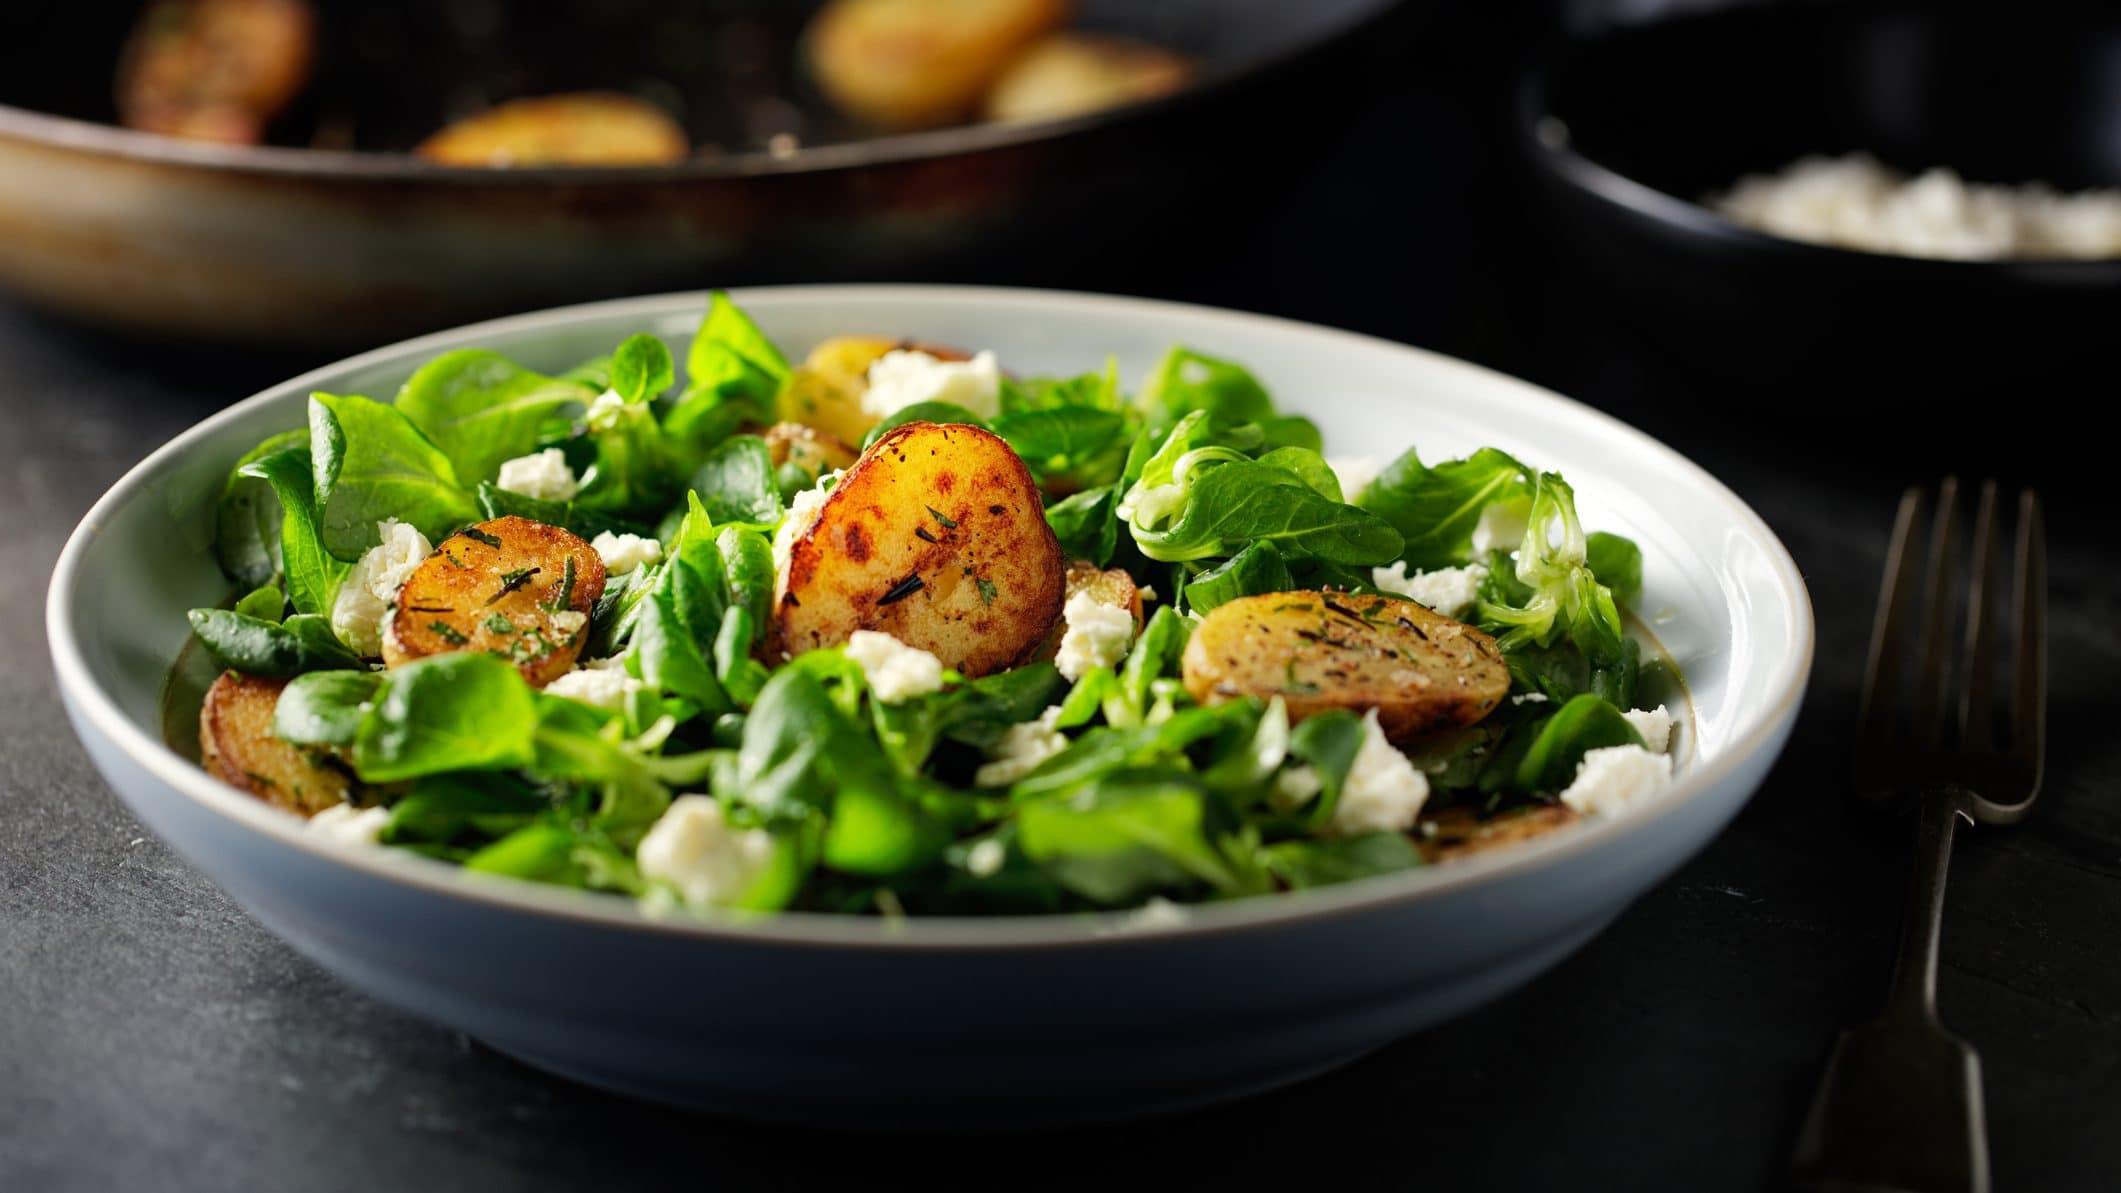 Feldsalat mit Röstkartoffeln und Feta in einer Schale.